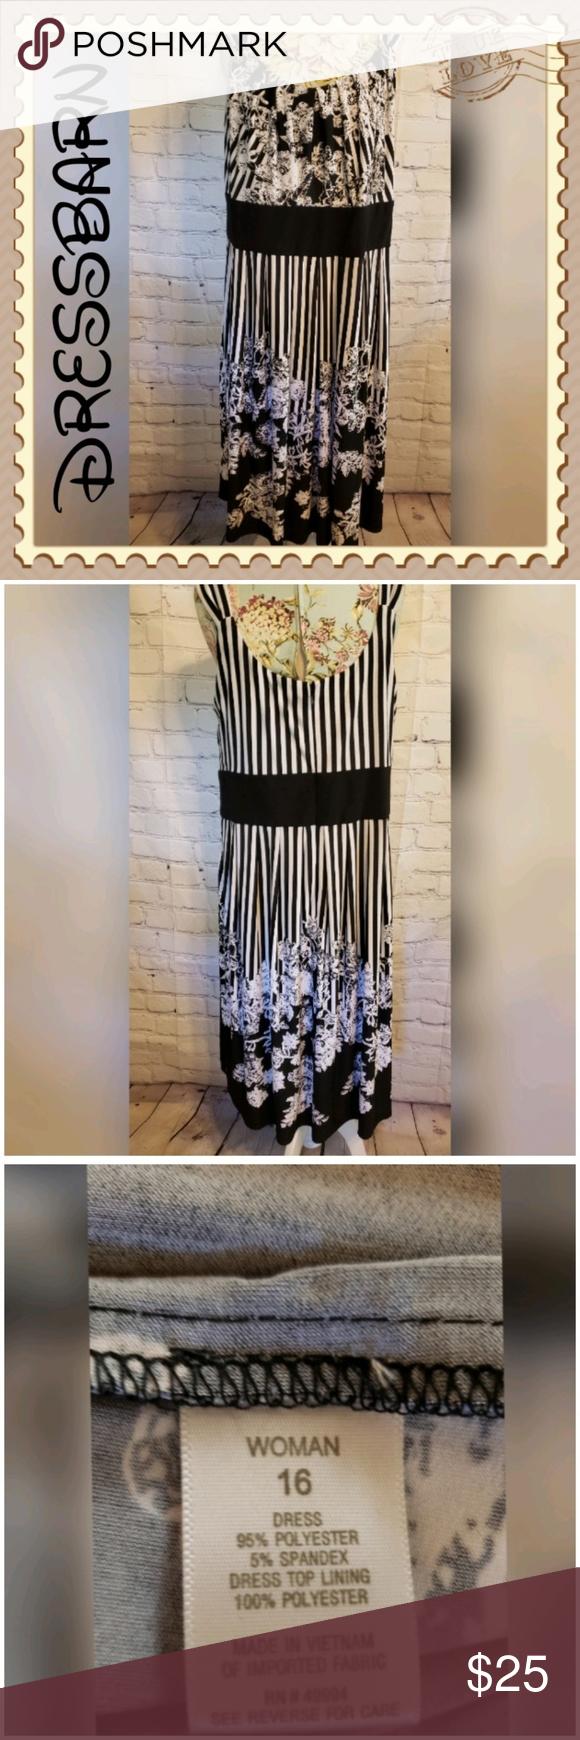 Dressbarn Black and White Floral sleeveless Dress #blacksleevelessdress